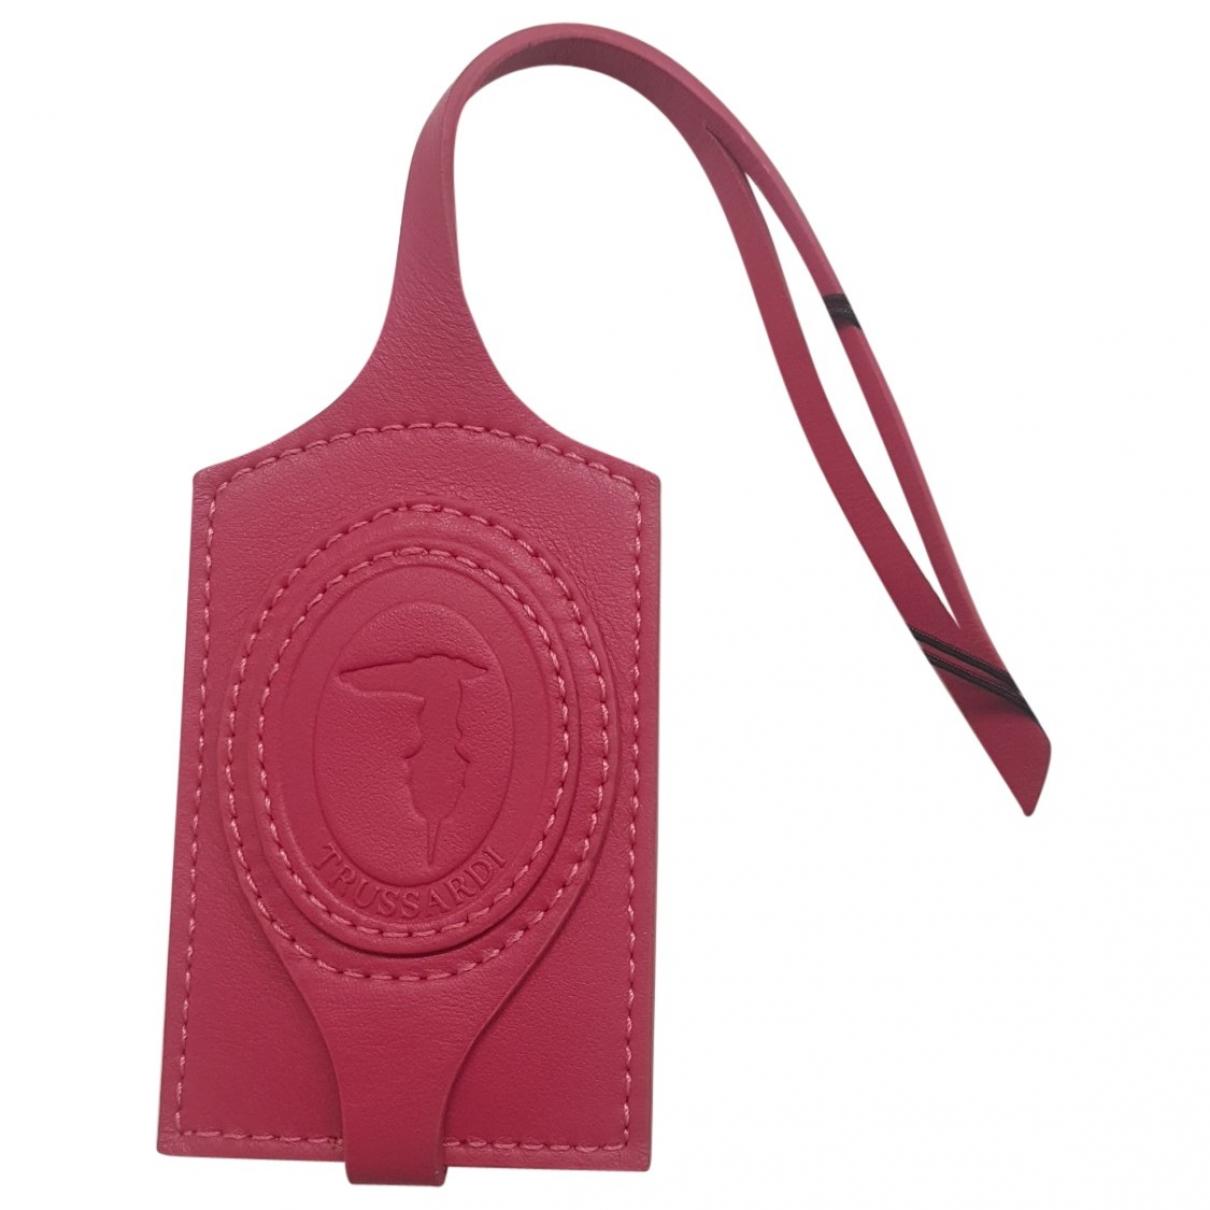 Trussardi - Petite maroquinerie   pour femme en cuir - rose